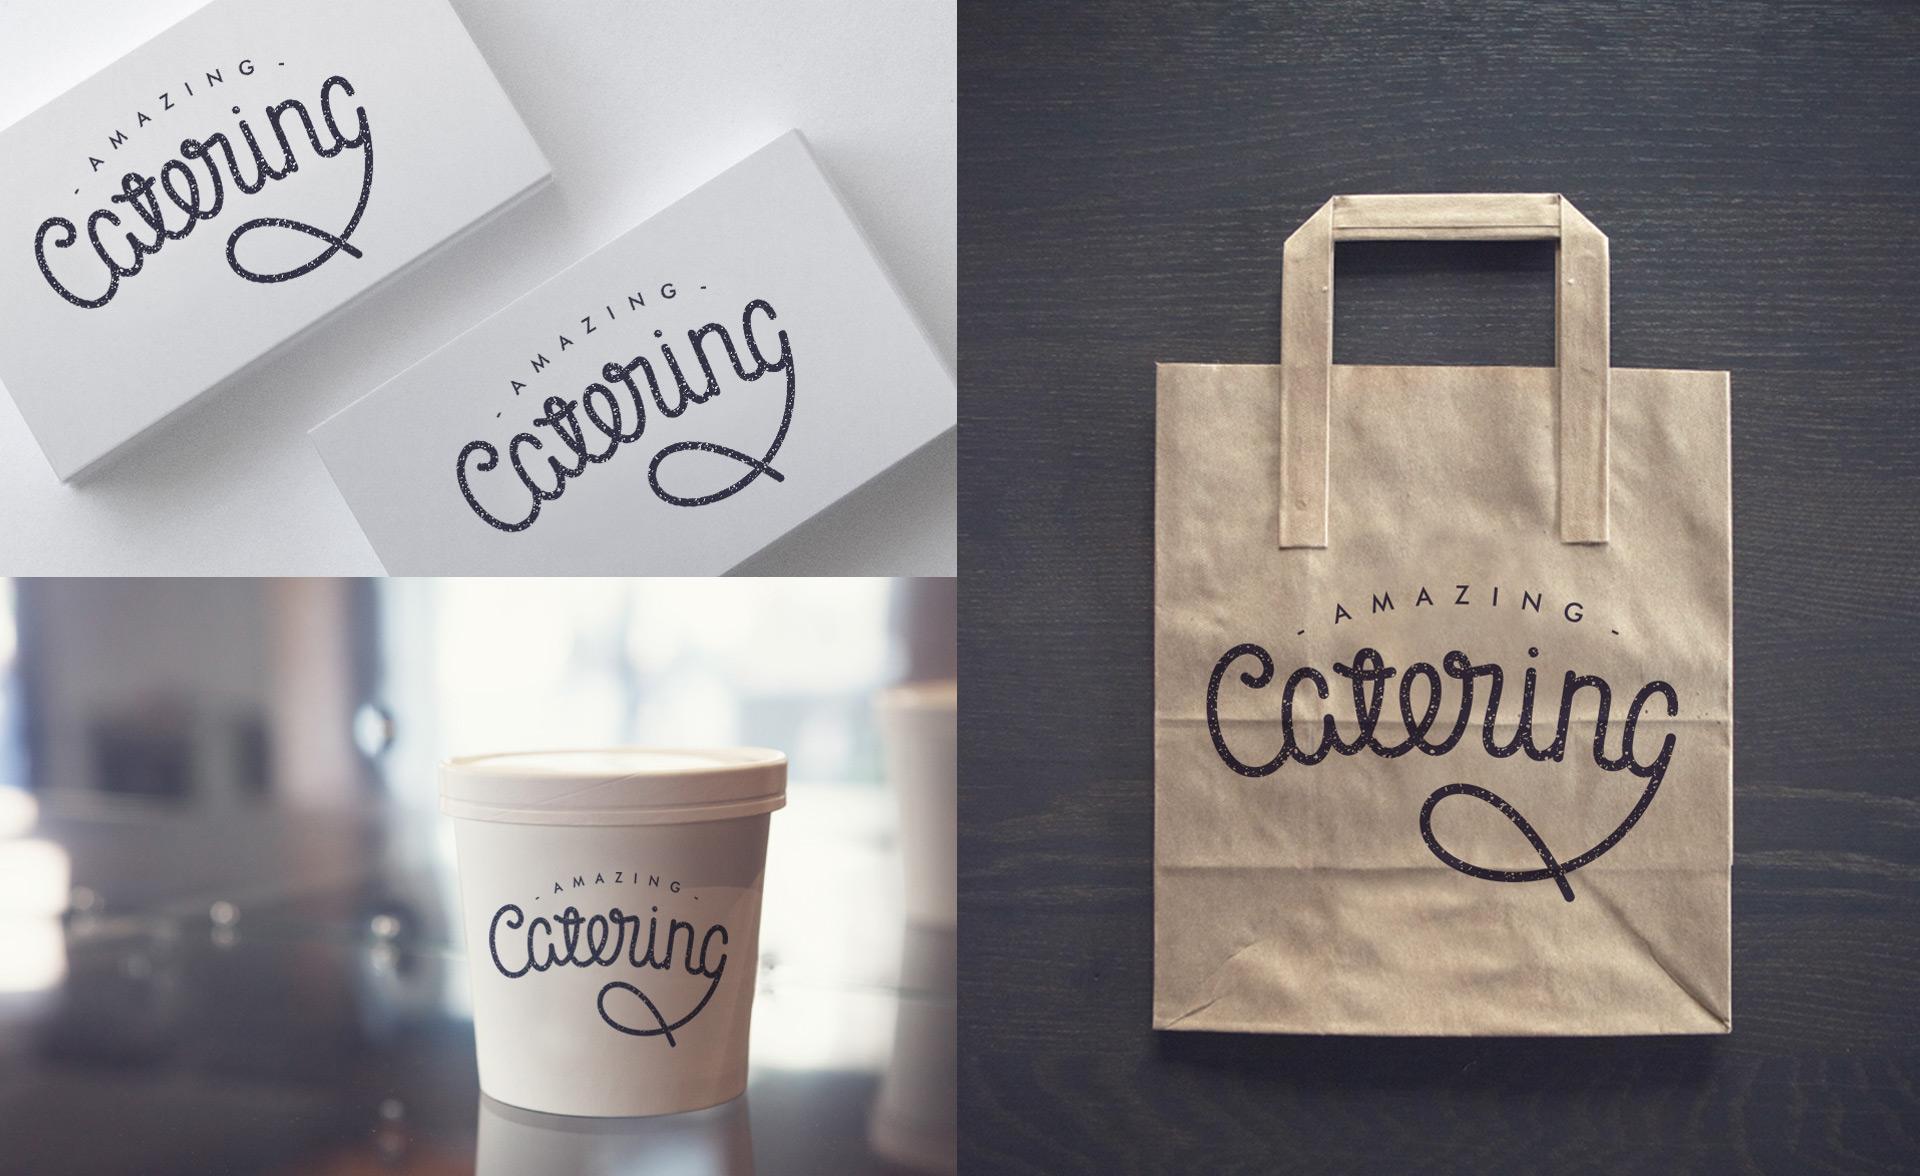 Amazing-catering-леттеринг-логотип-каллиграфия-в-фирменном-стиле